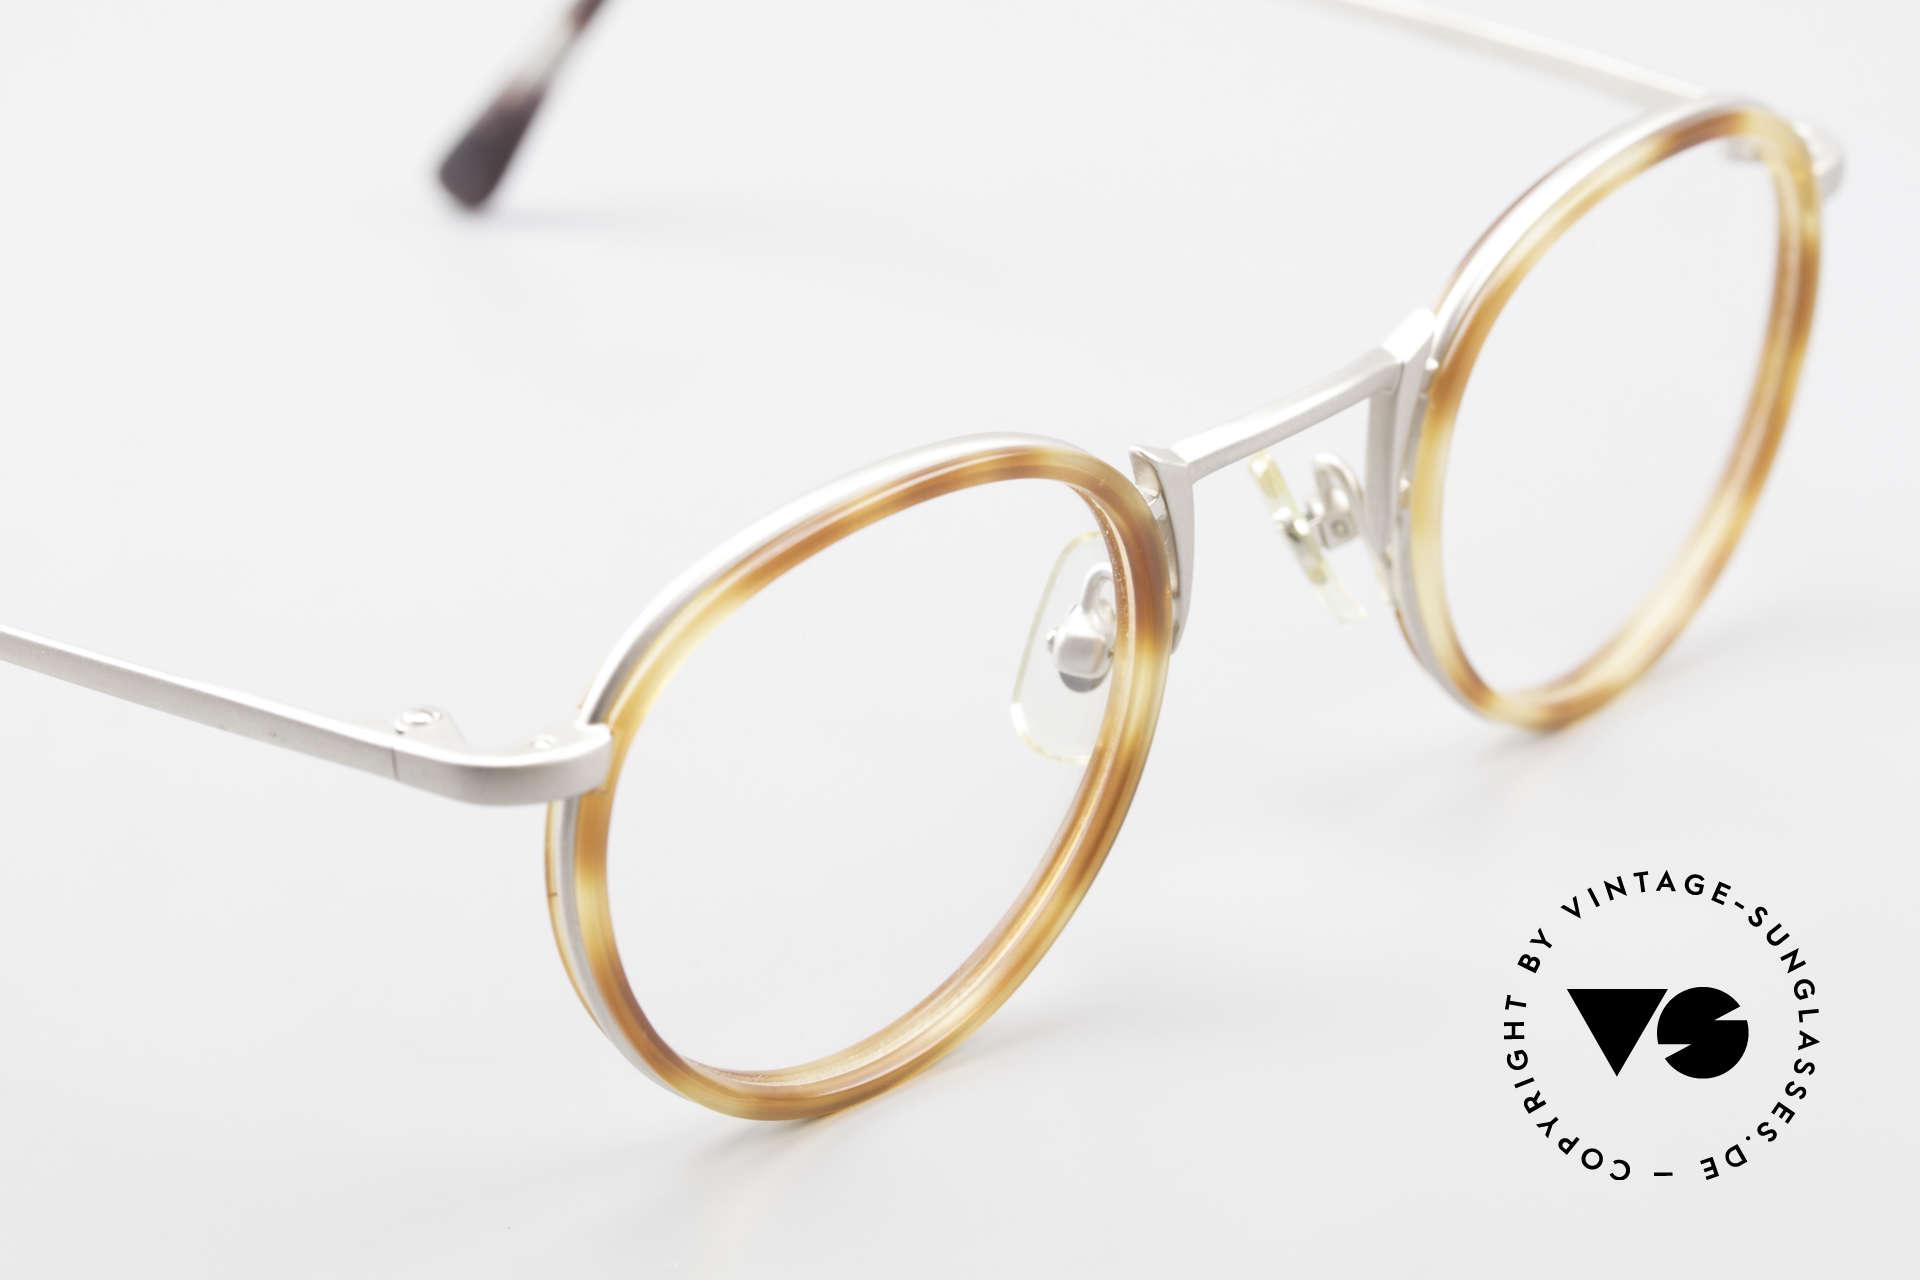 Freudenhaus Bido Runde 90er Designer Brille, KEINE Retromode, ein kostbares 90er Jahre Original!, Passend für Herren und Damen